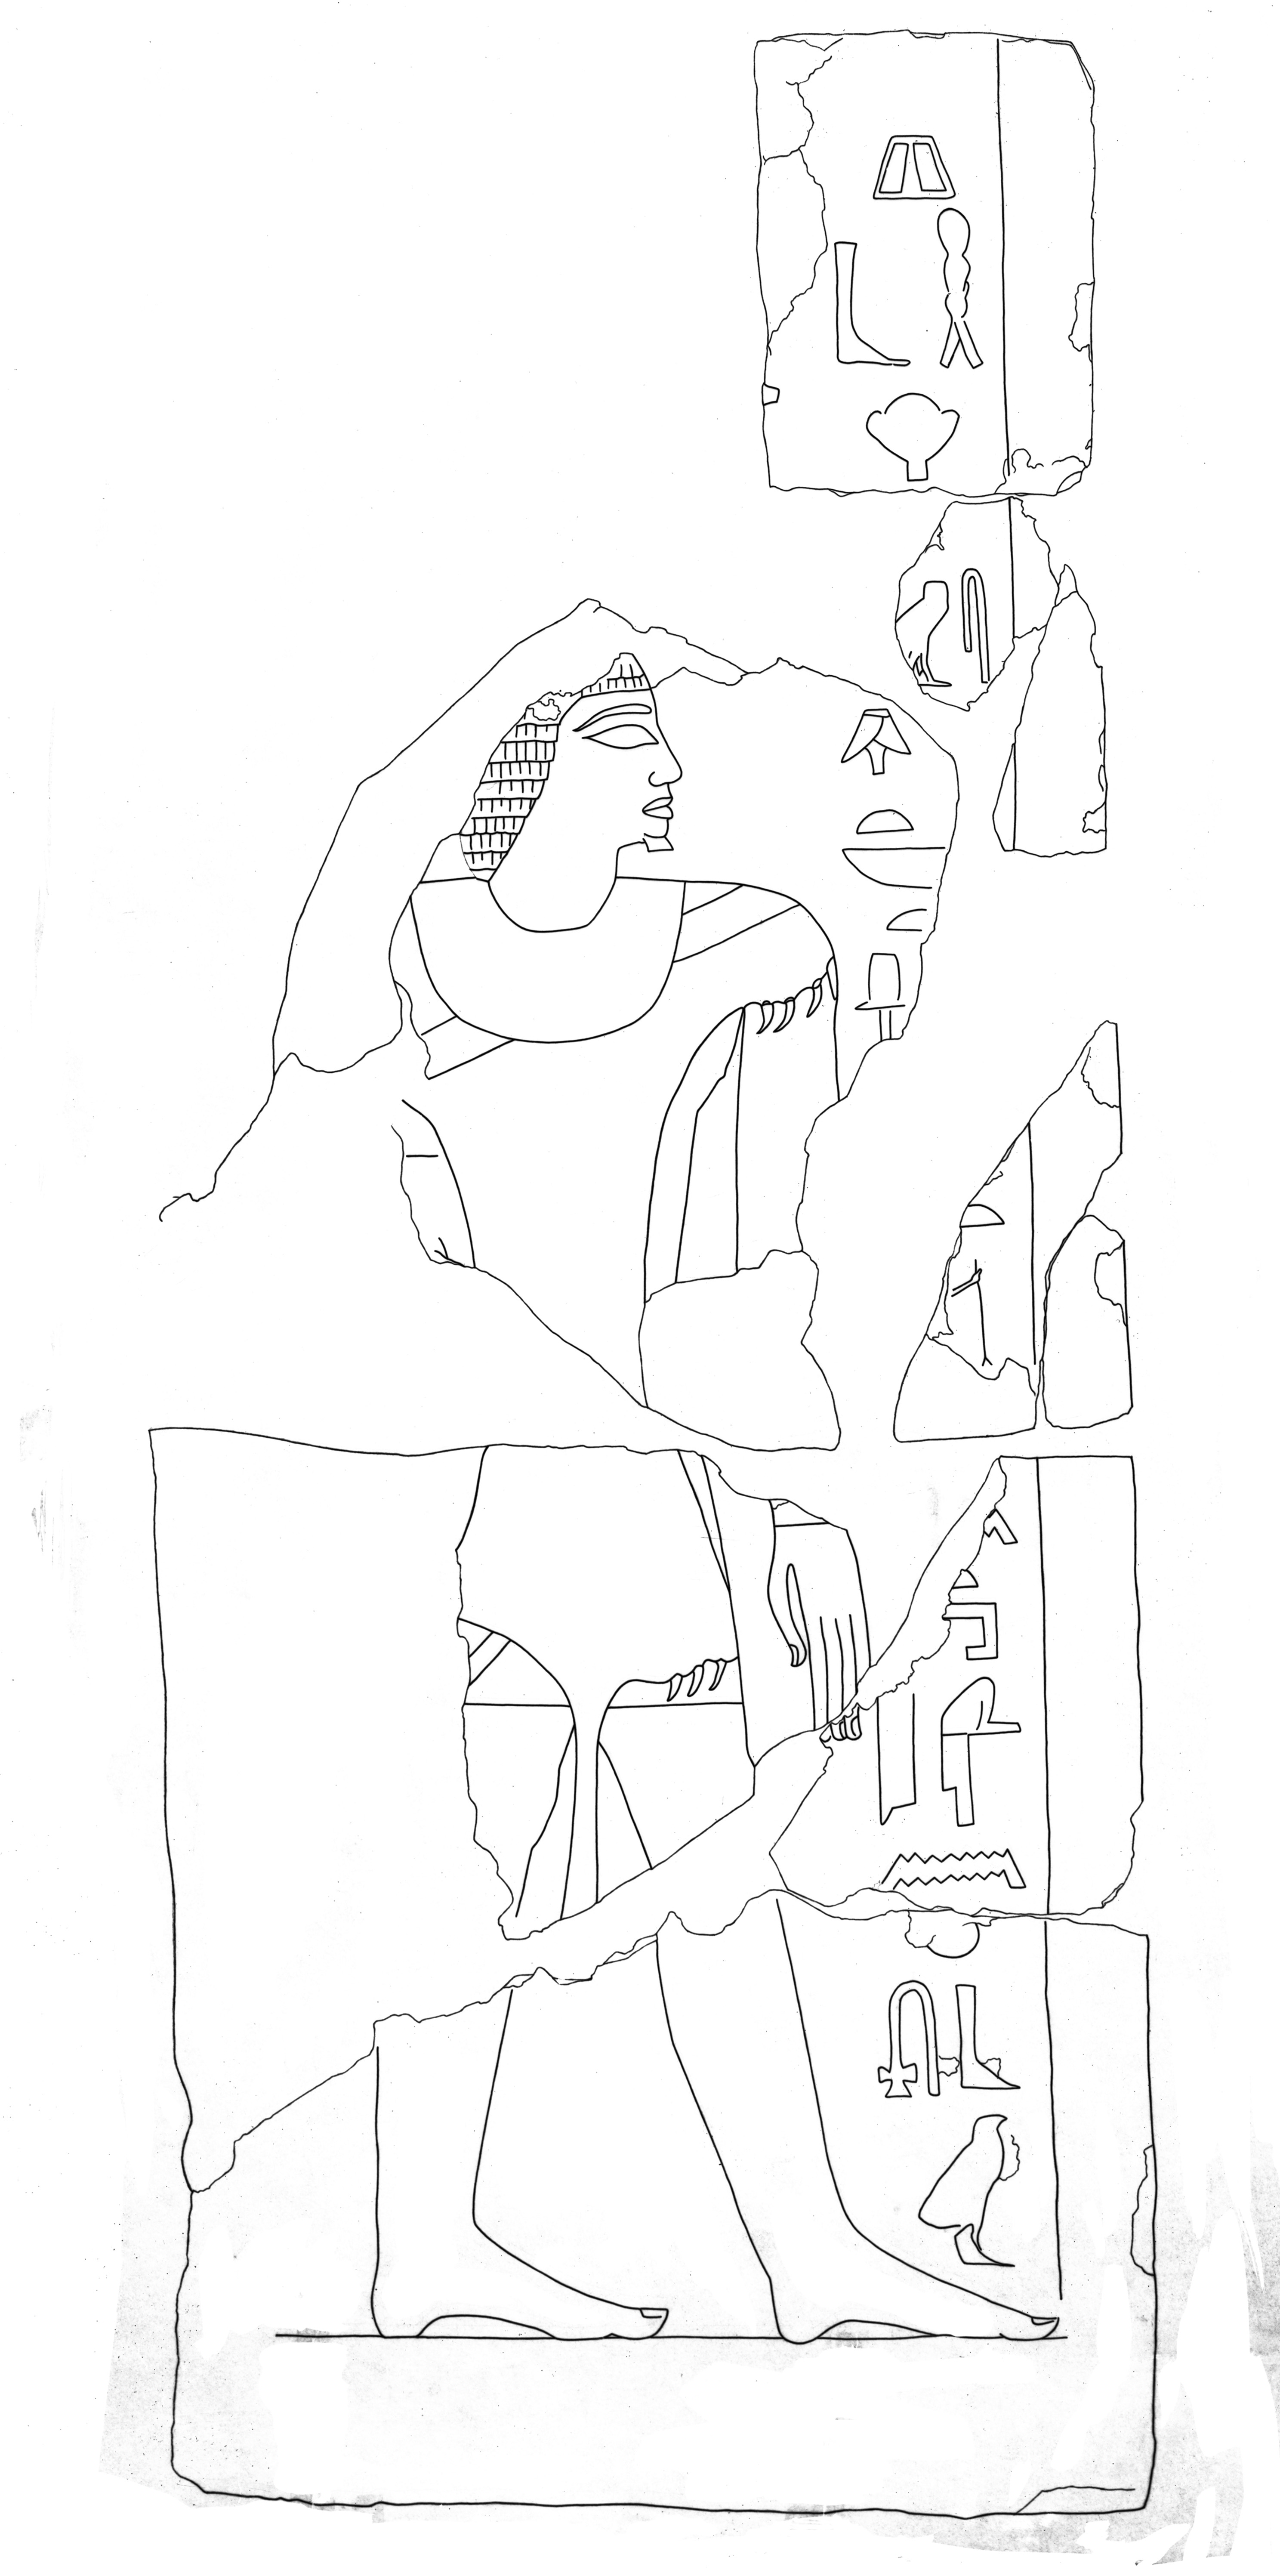 Drawings: G 2381: fragments of relief from door jamb